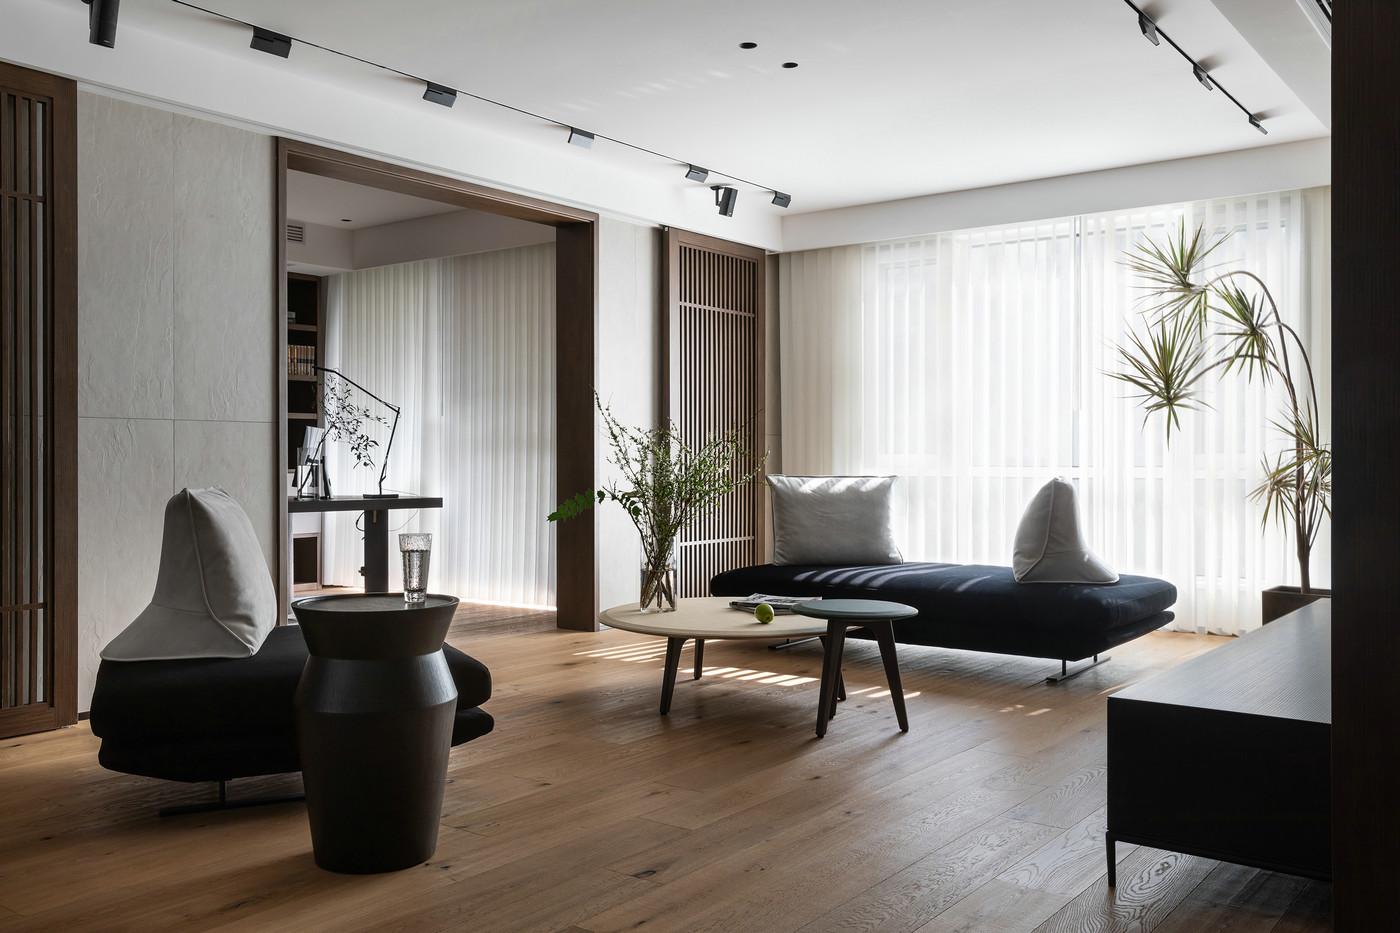 茶几局部使用绿植点缀,空间活力得以蔓延,使客厅充满多变性。